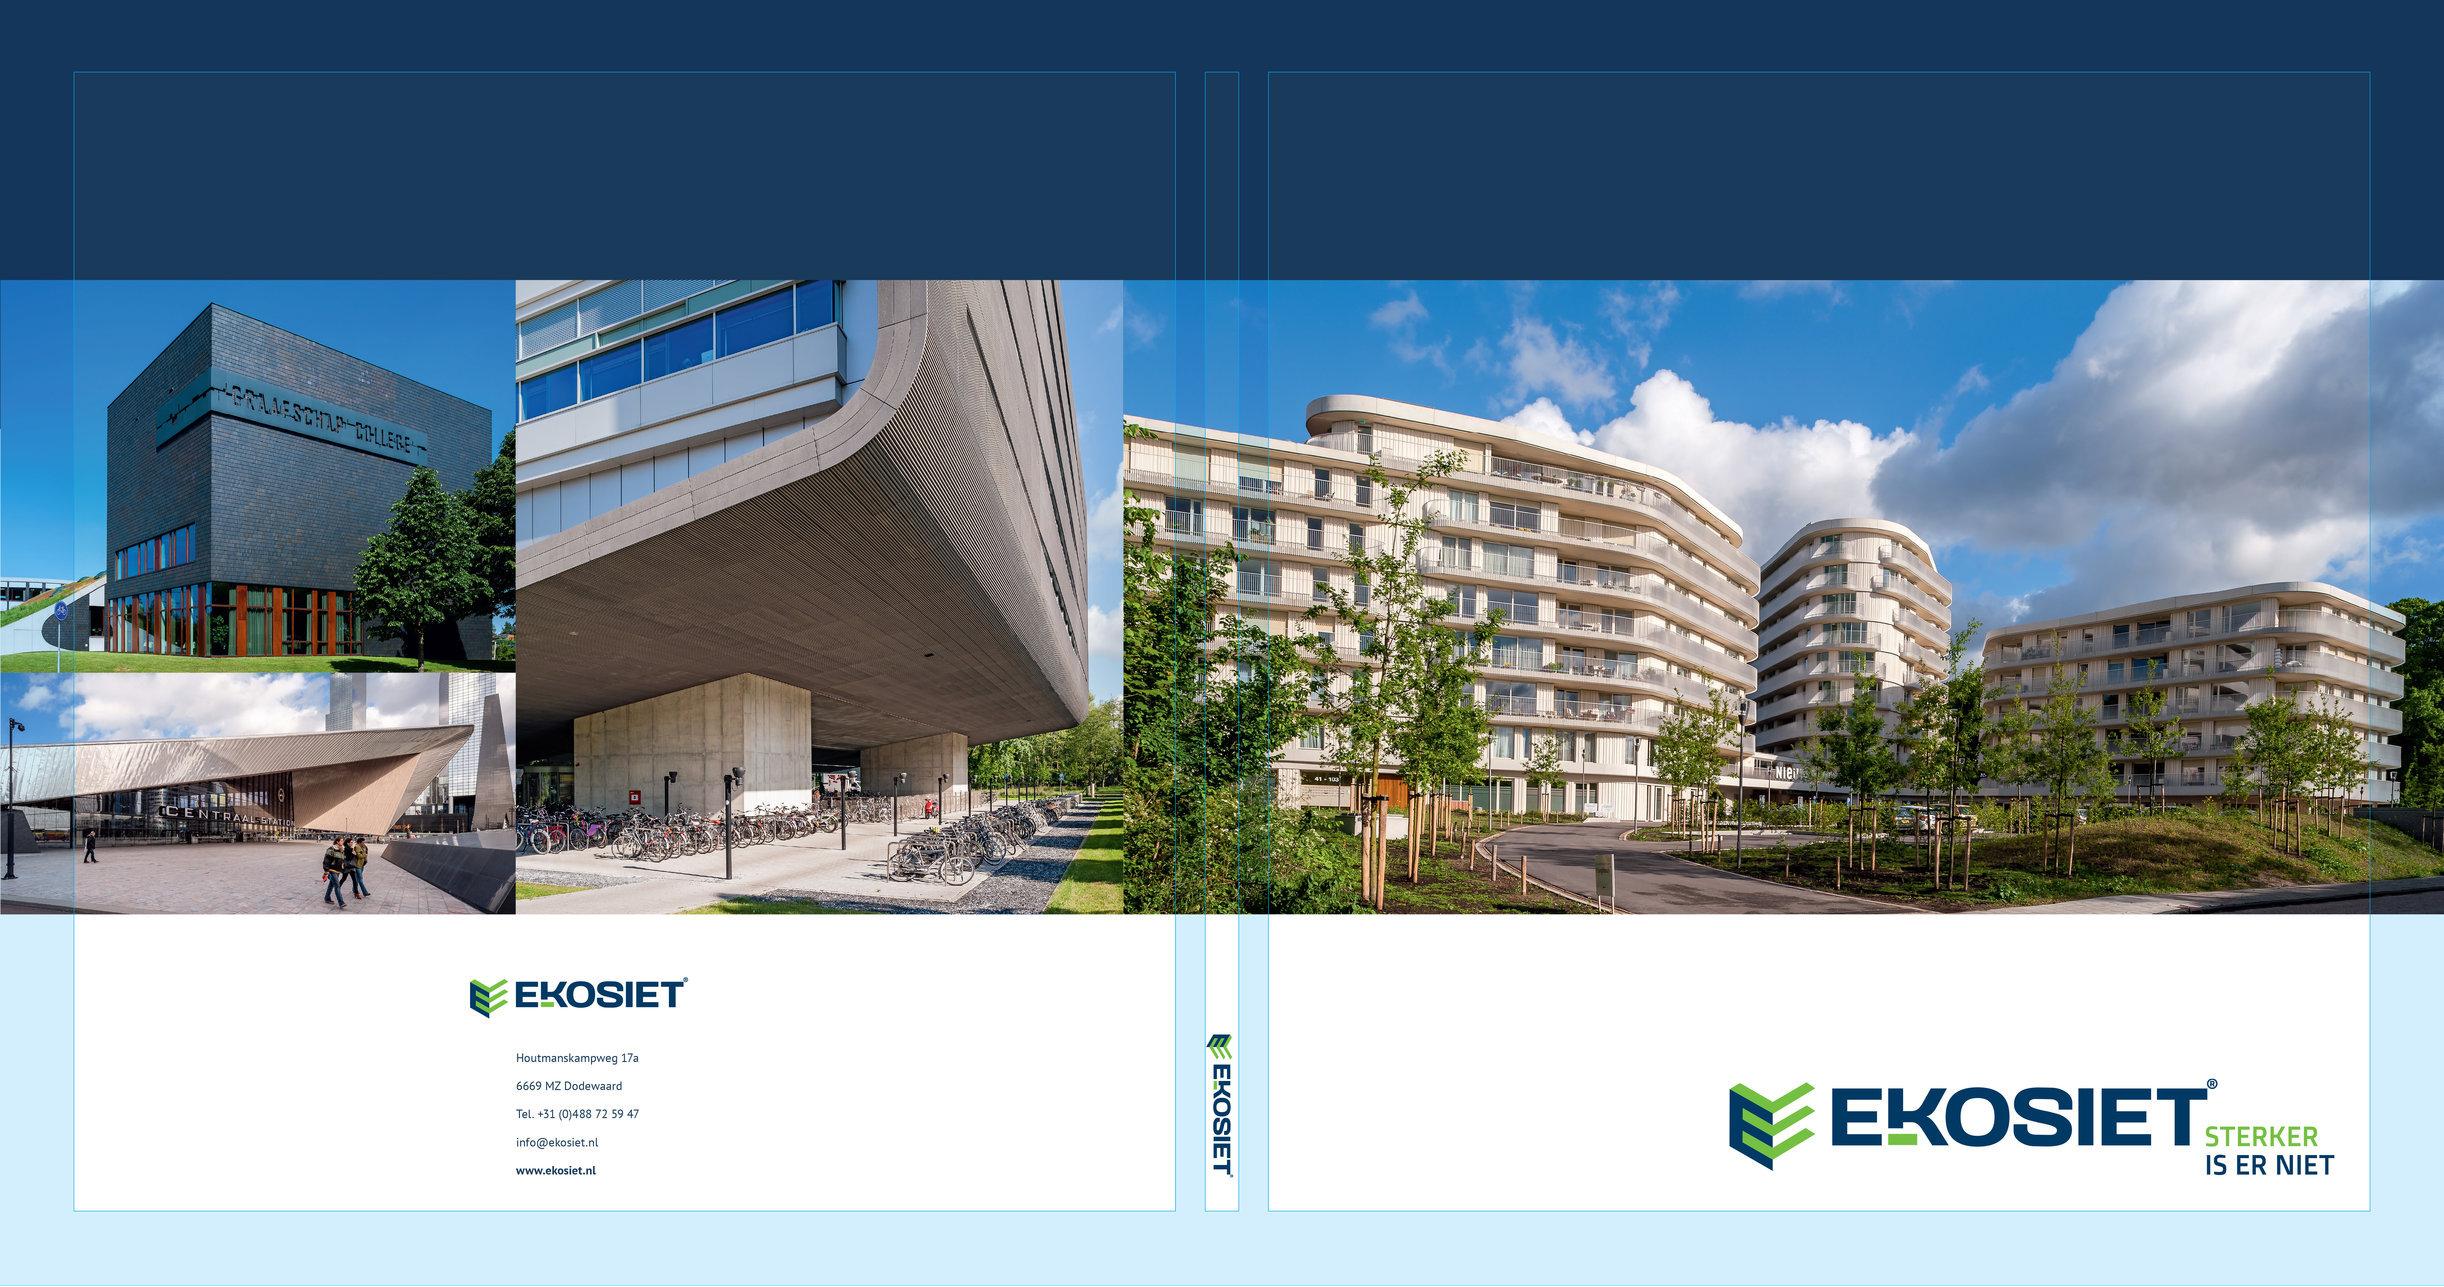 Ekosiet verkoopboek Ontwerp: Stas Communicatie & Ontwerp B.V.